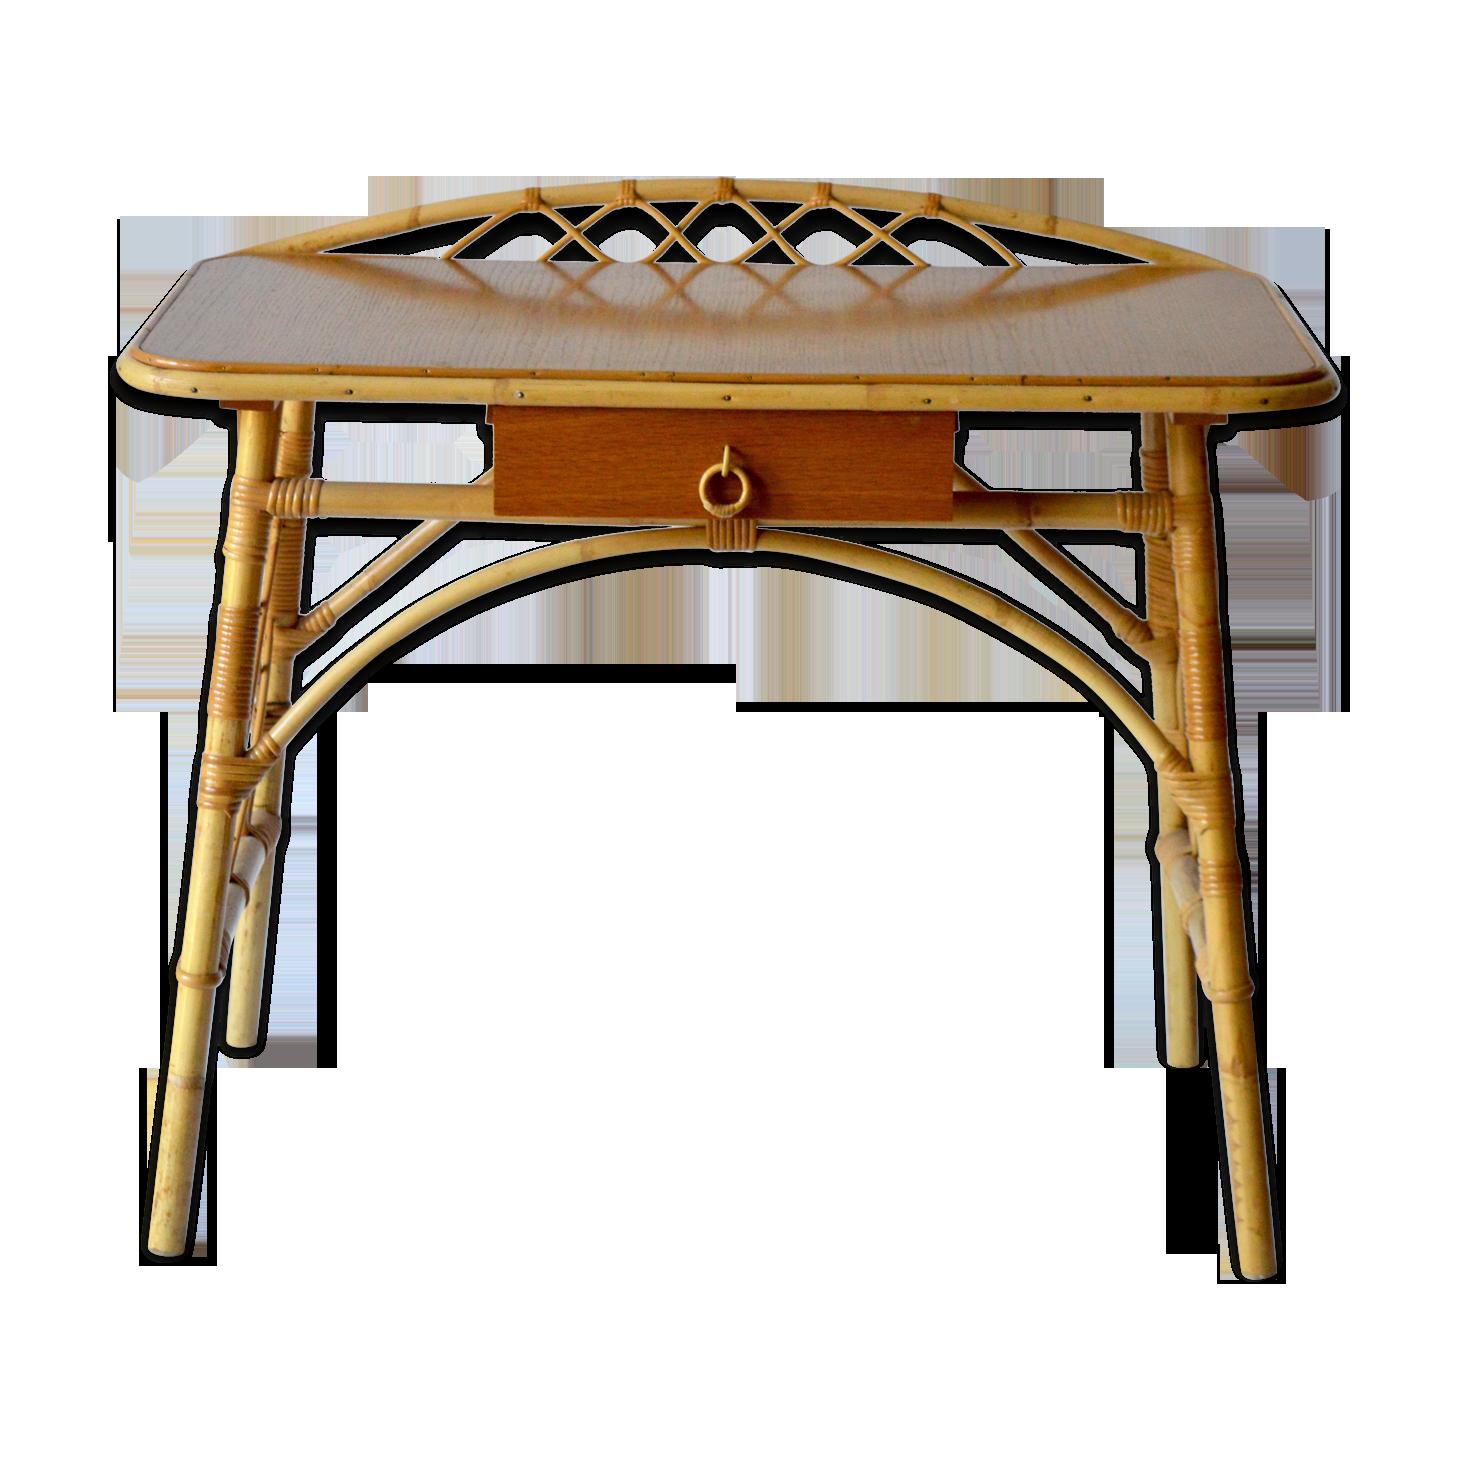 Chaise en osier et bureau de rotin sur le patio photo stock